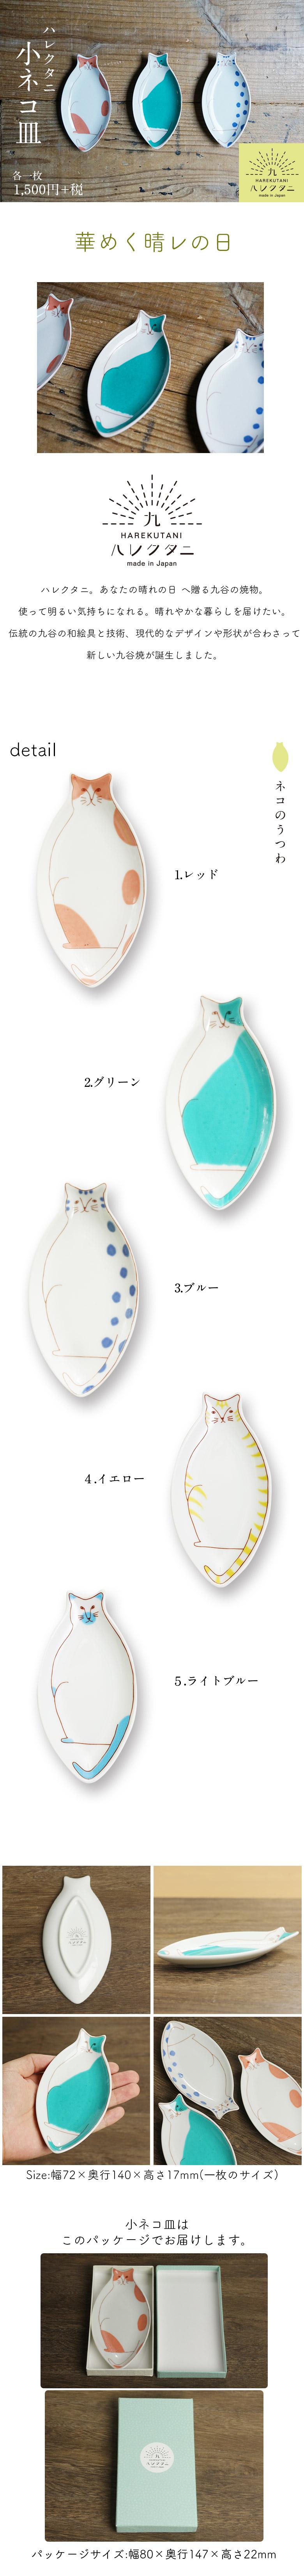 【九谷焼】小ネコ皿/ハレクタニ